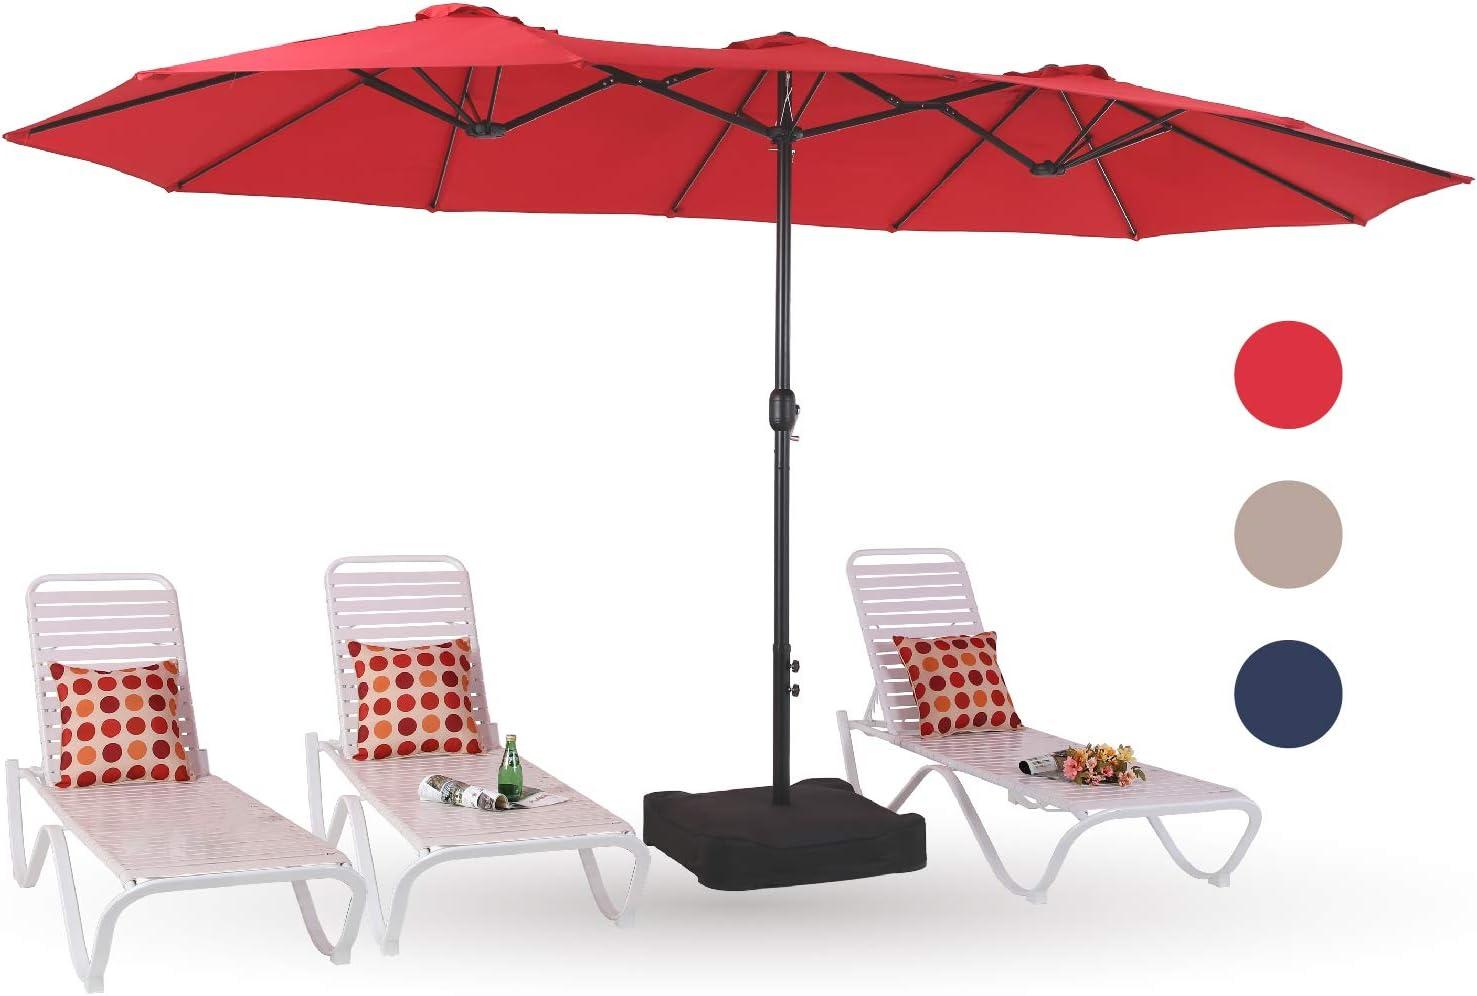 PHI VILLA Atlanta Mall 15ft Patio Umbrella Double-Sided Outdoor Tampa Mall Market Extra